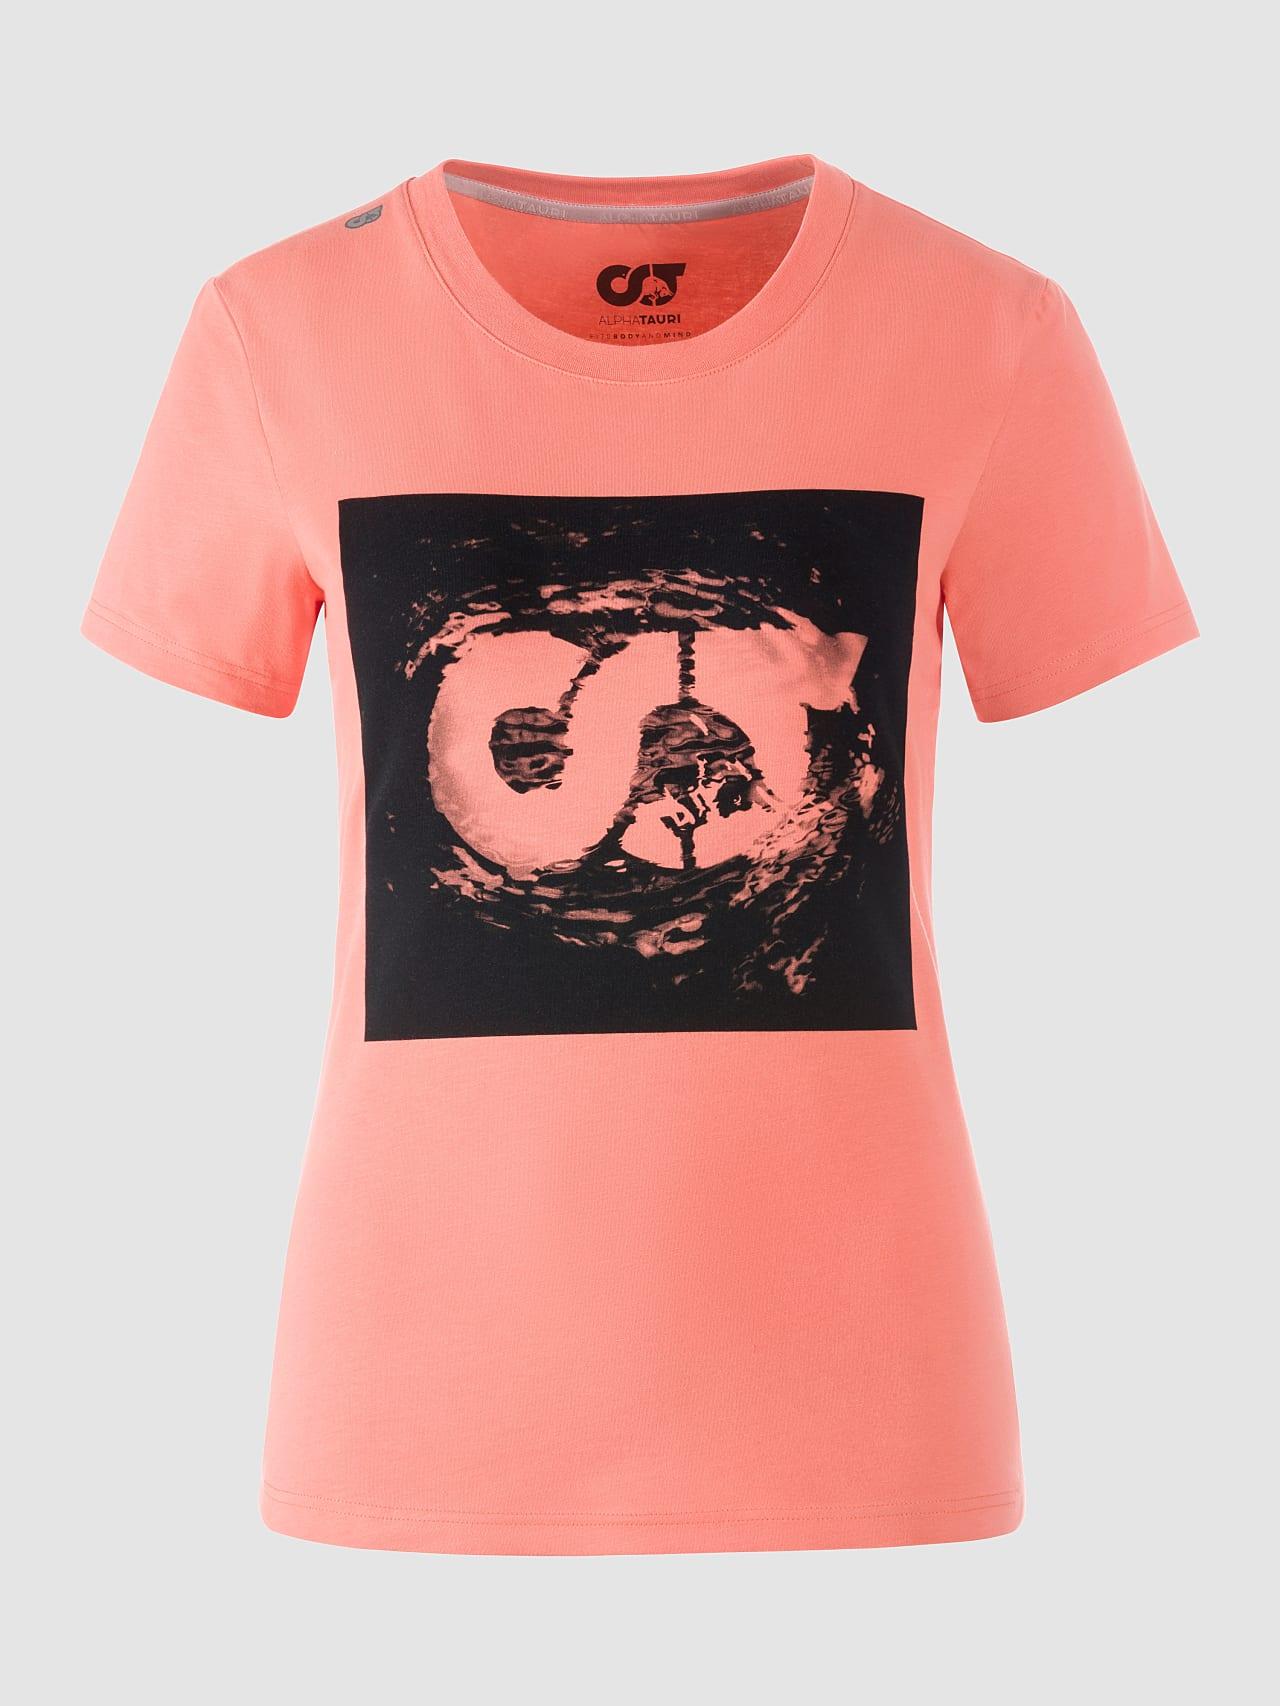 JALP V4.Y5.01 Cotton Logo T-Shirt coral Back Alpha Tauri